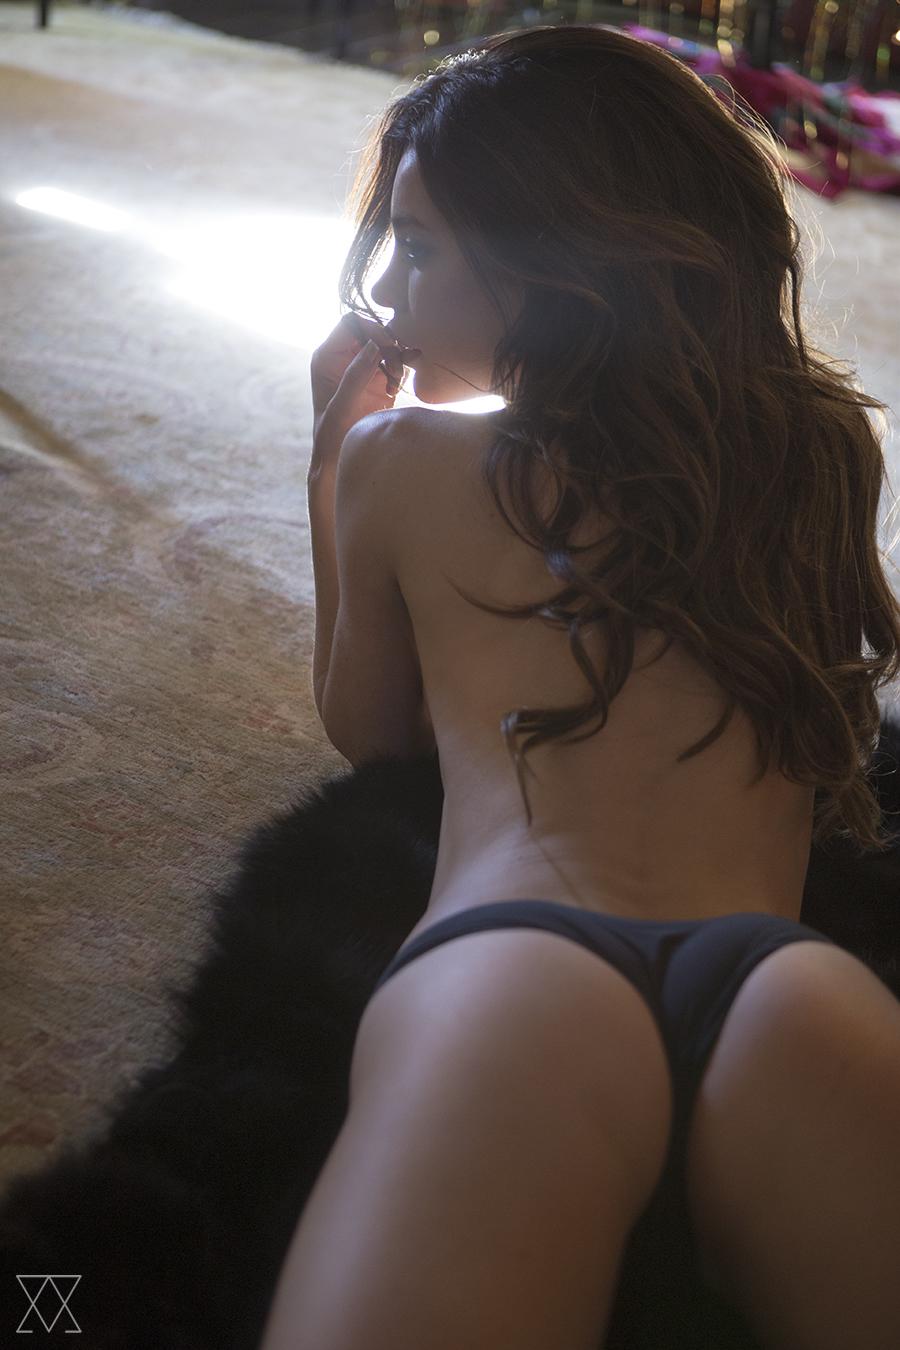 Congratulate, Hump day amator nude consider